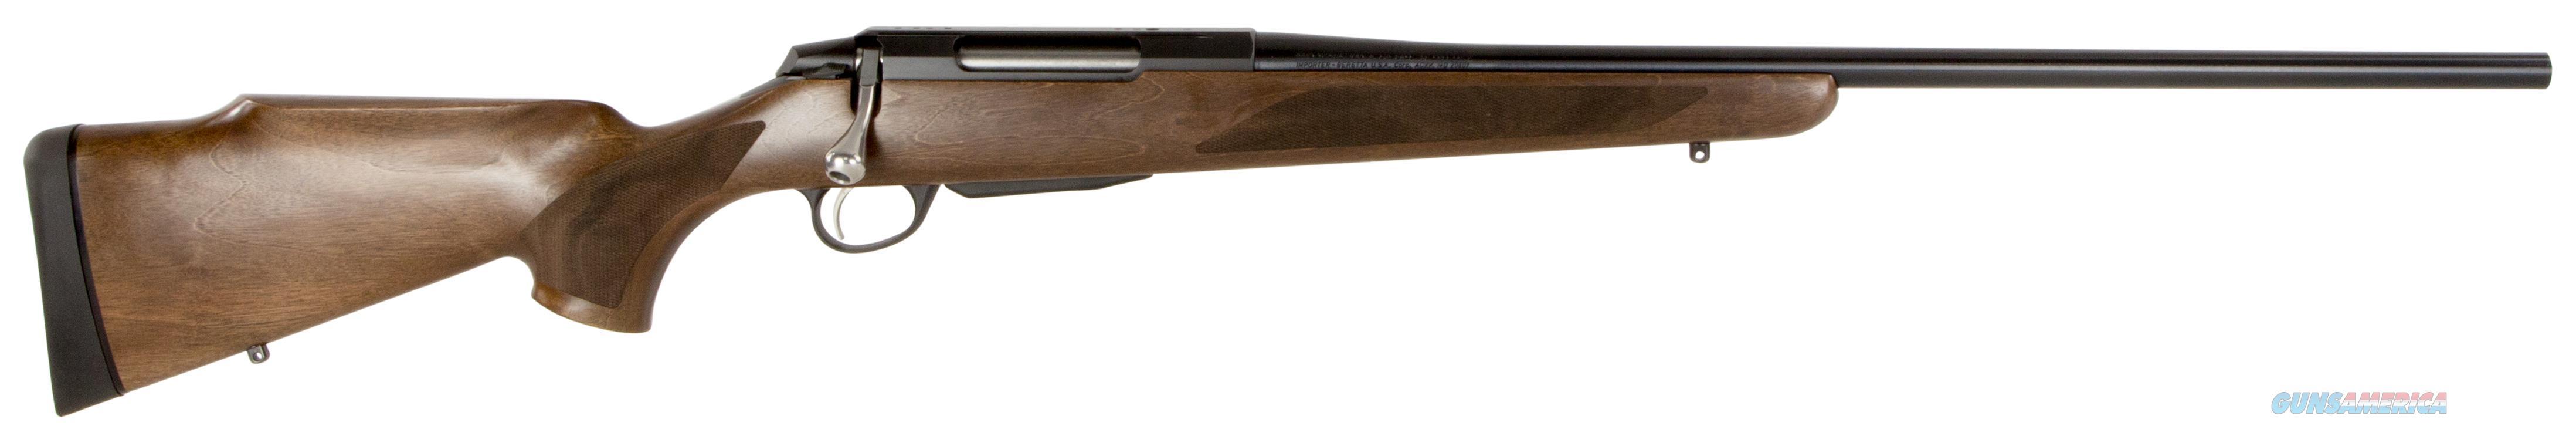 """Tikka T3 Jrtxf670 T3x Forest Bolt 7Mm Remington Magnum 24.3"""" 3+1 Wood Stk Blued JRTXF670  Guns > Rifles > TU Misc Rifles"""